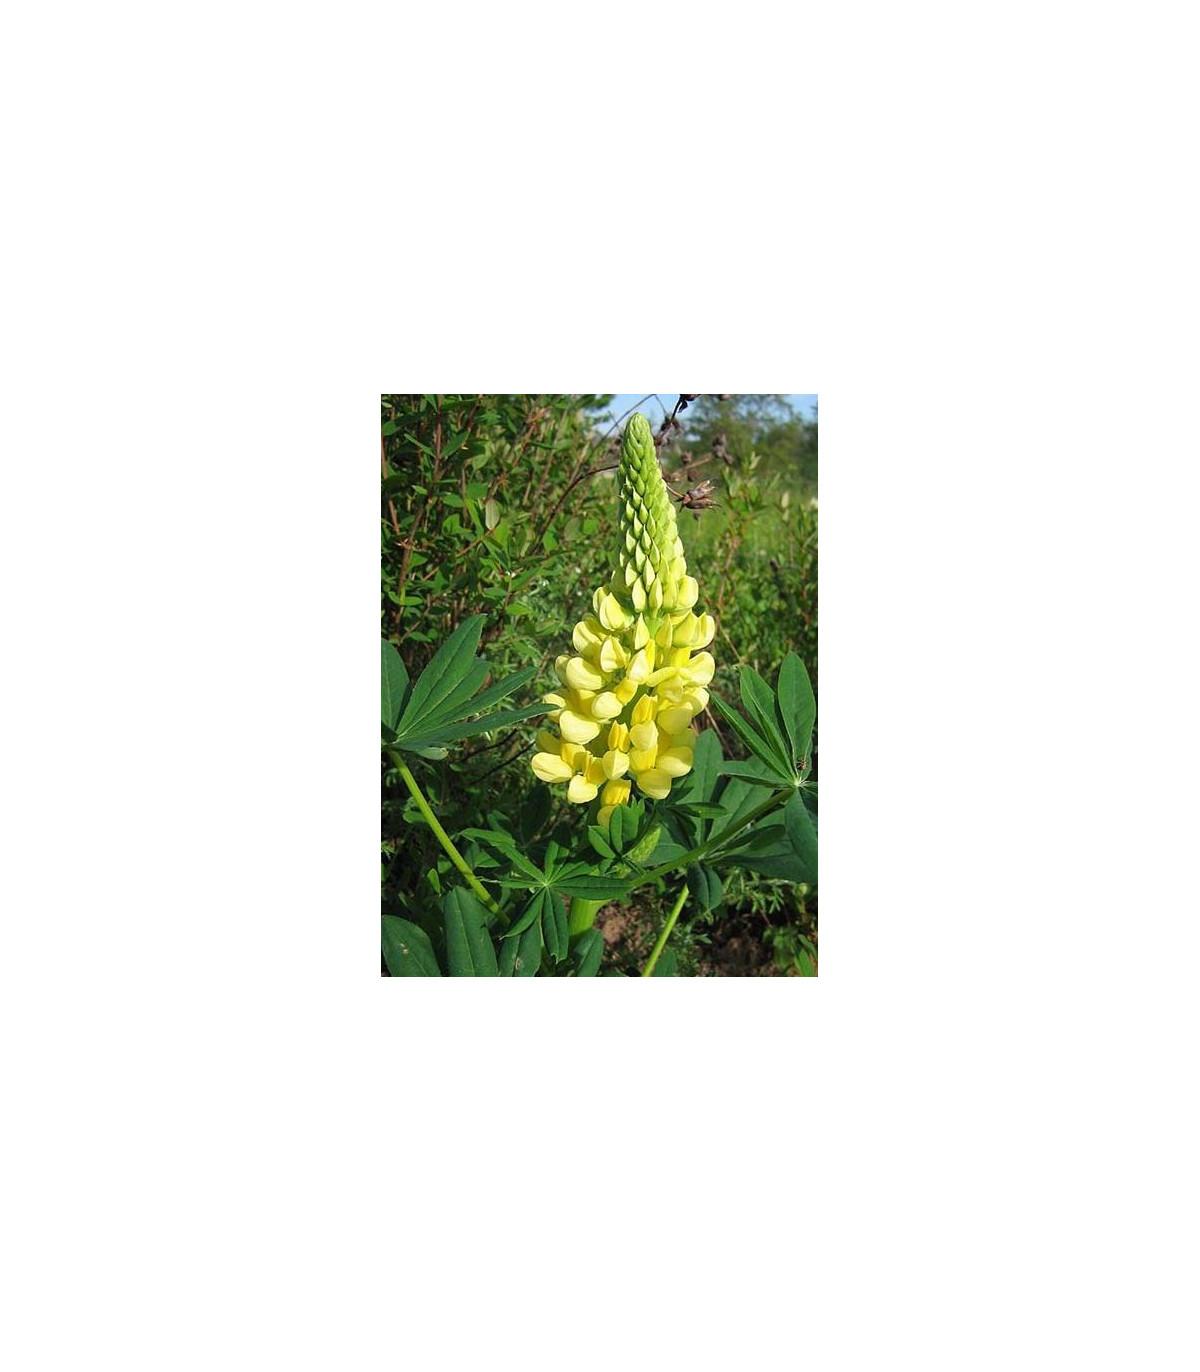 Vlčí bob žlutý - Lupina mnoholistá - Lupinus polyphyllus - semena vlčího bobu - 30 ks